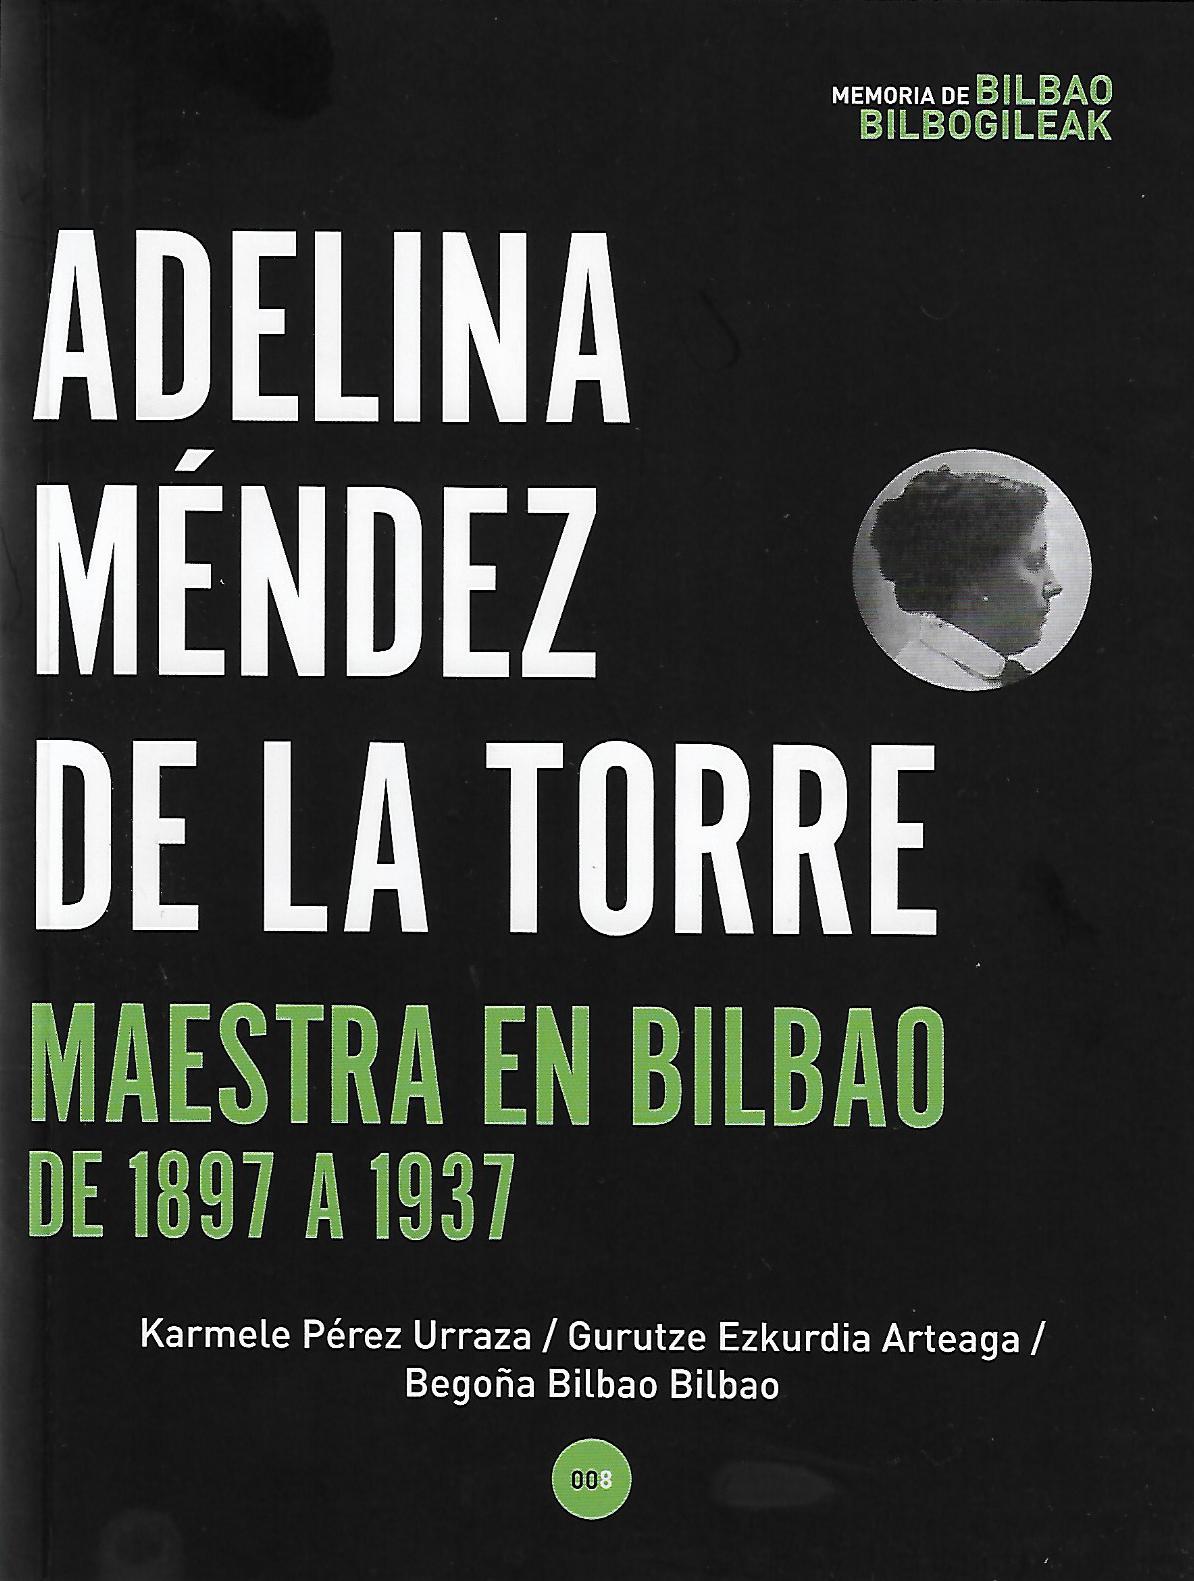 """Karmele Pérez Urraza, Gurutze Ezkurdia Arteaga y Begoña Bilbao Bilbao: """"Adelina Méndez de la Torre, maestra en Bilbao de 1897 a 1937"""""""